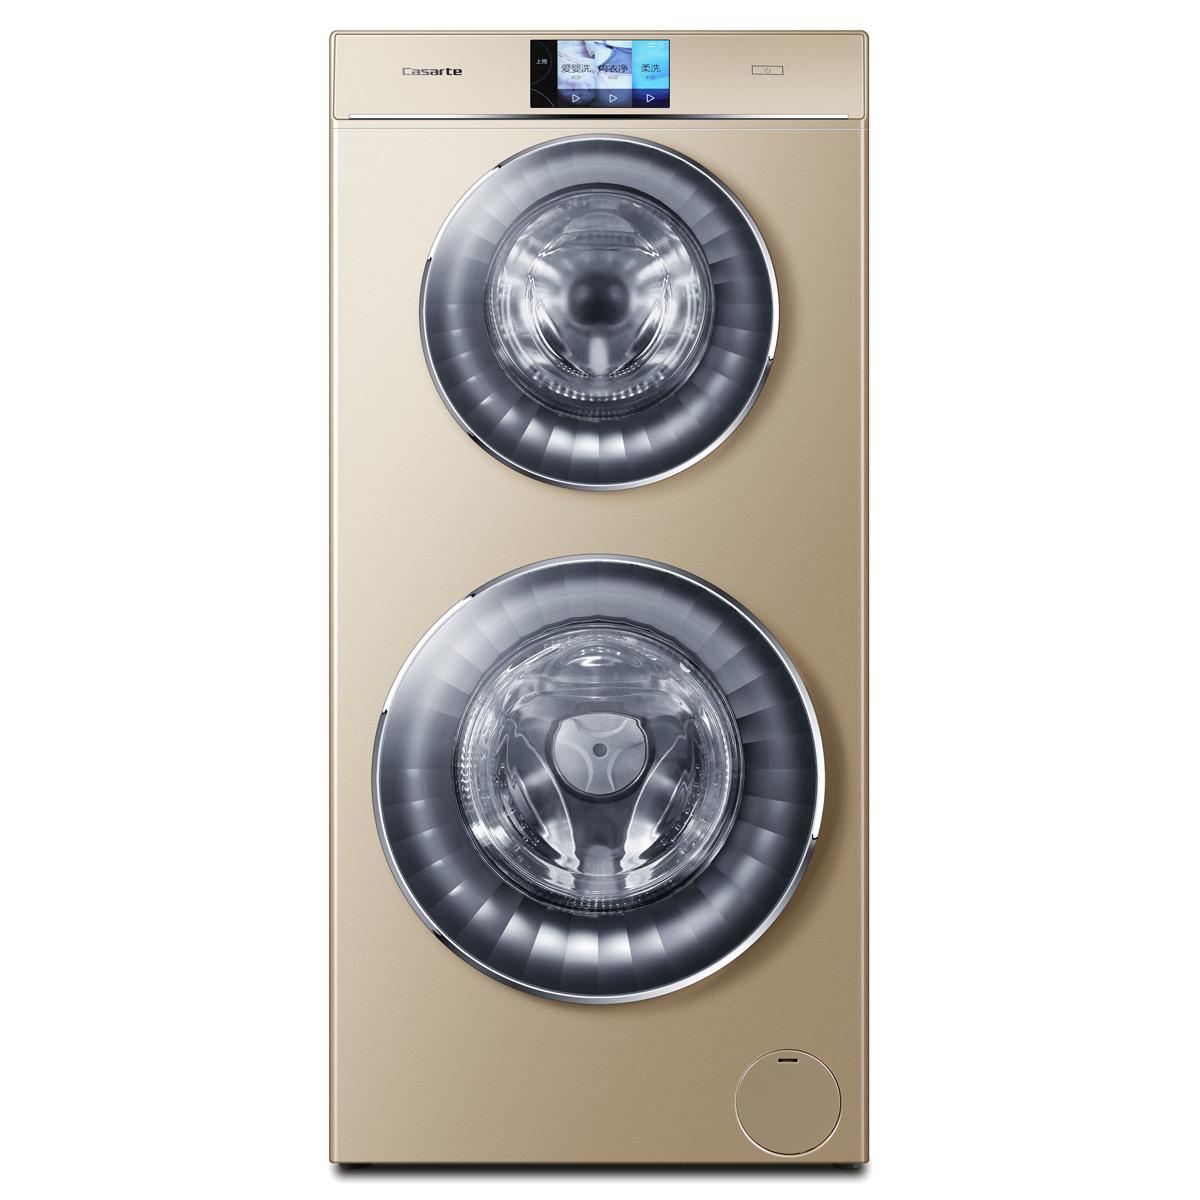 卡萨帝(Casarte)12kg全自动滚筒洗衣机 双子云裳双筒洗香槟金 C8 U12G1 彩屏+分区洗护+下排水